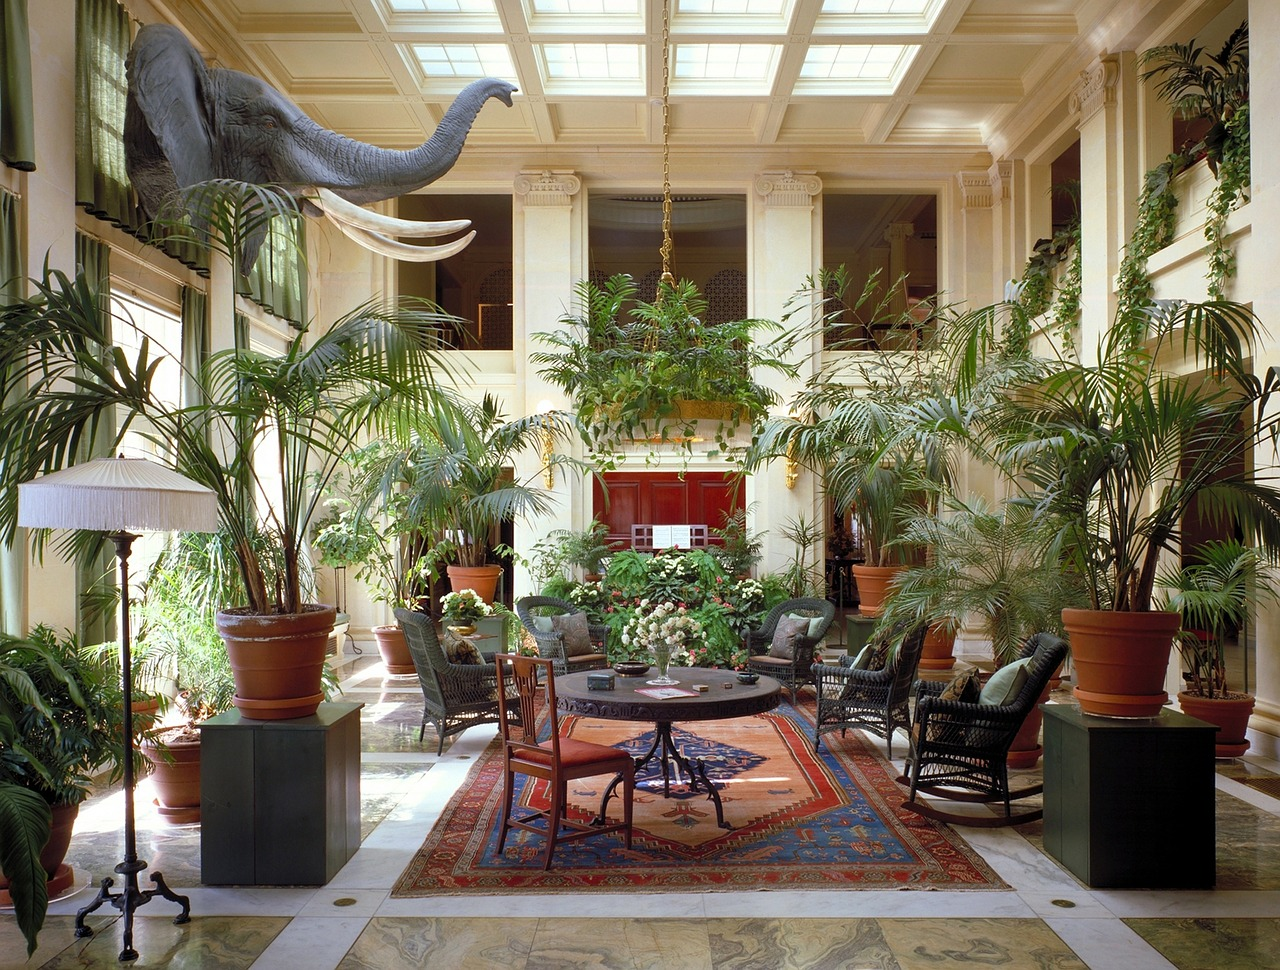 Dywan w luksusowej oranżerii